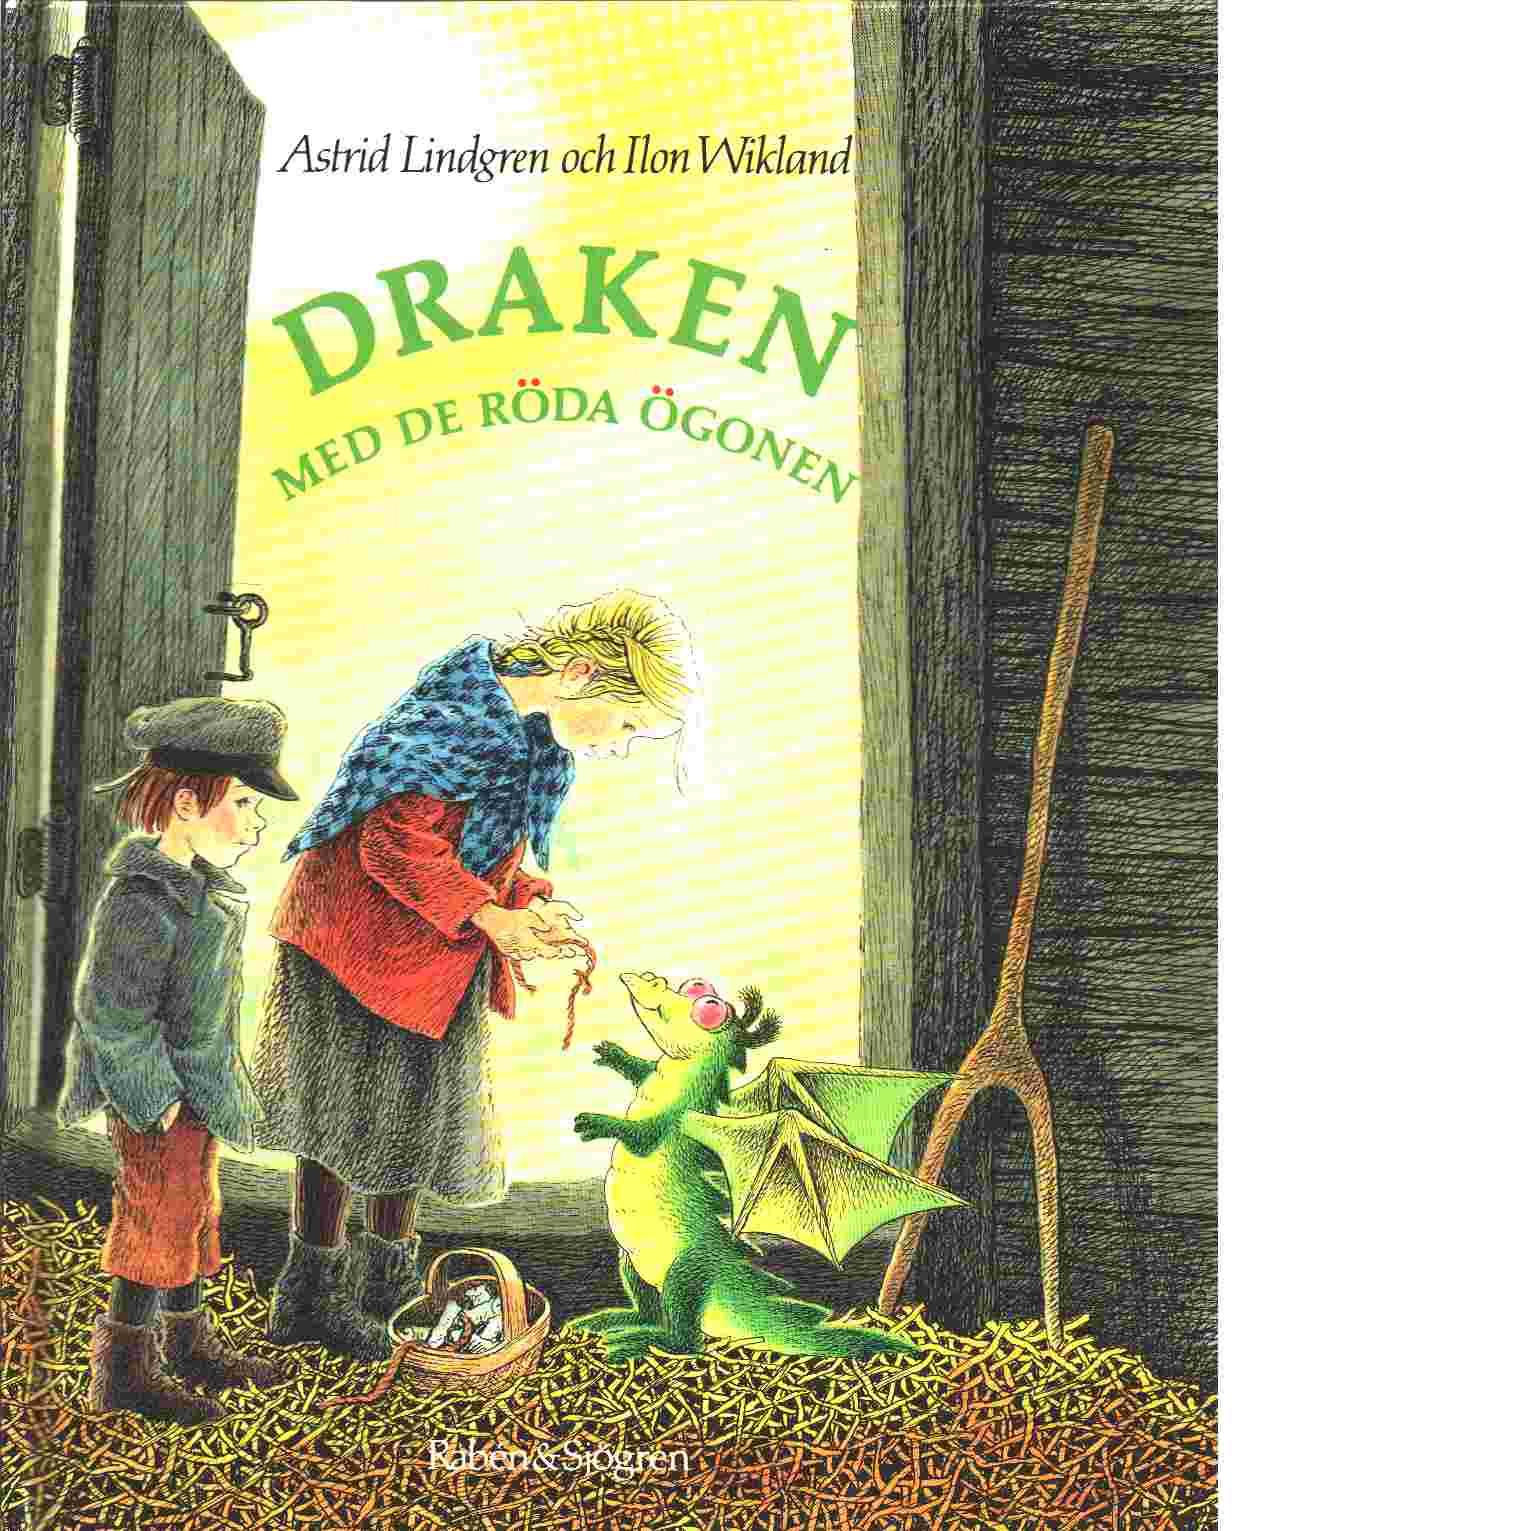 Draken med de röda ögonen - Lindgren, Astrid  och  Wikland, Ilon